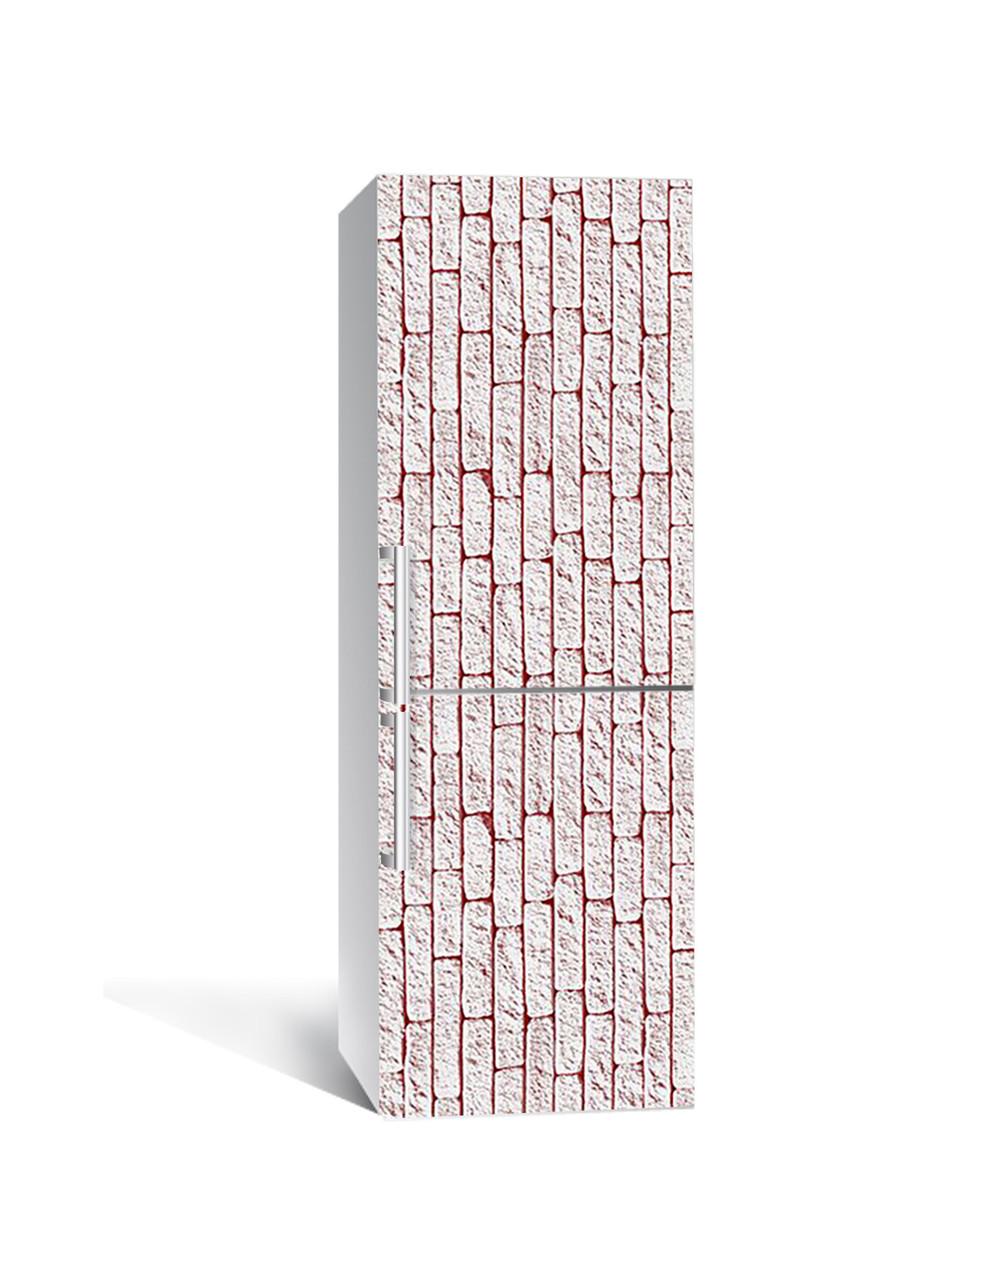 Вінілова наклейка на холодильник 3Д Цегляна кладка Плитка (плівка ПВХ фотодрук) 65*200см Текстура Бежевий